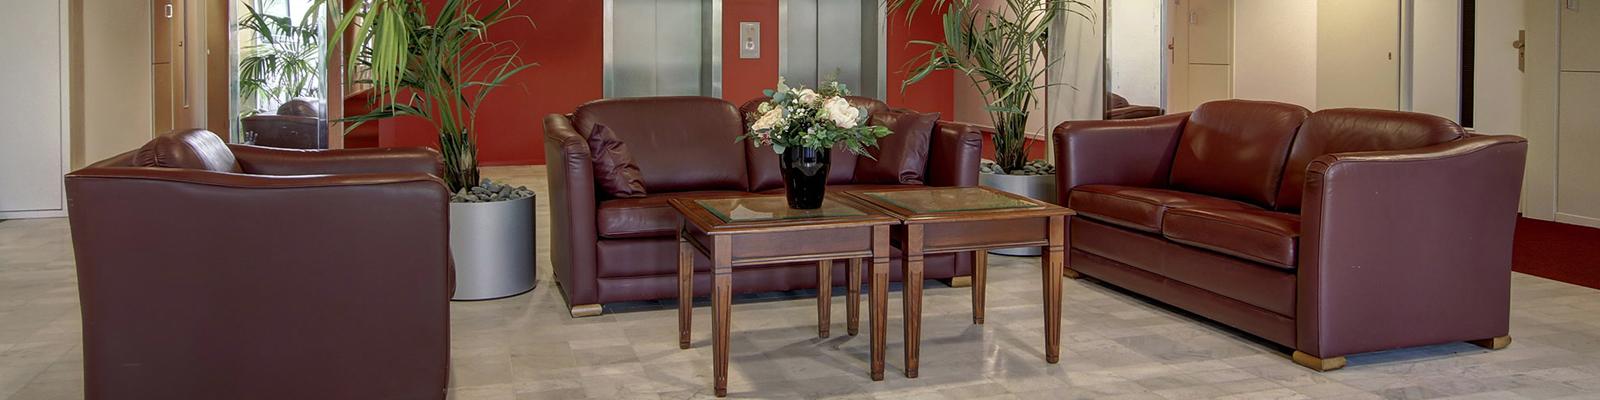 In de lounge van Sans Souci staand comfortabele leder banken.